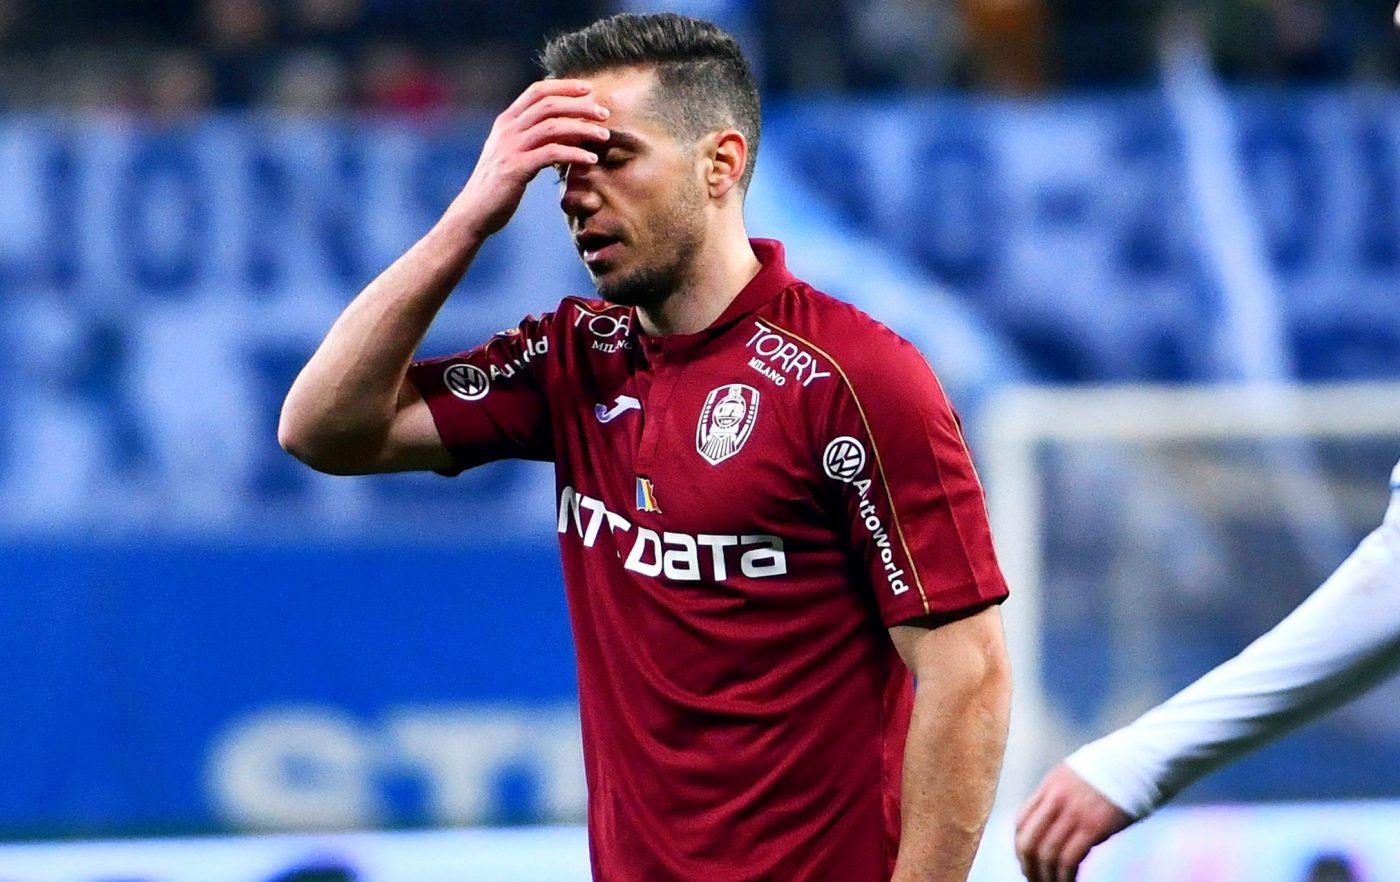 Patronul Varga a fost deranjat de faptul ca Alex Chipciu joacă puțin în ciuda salariului mare pe care îl are